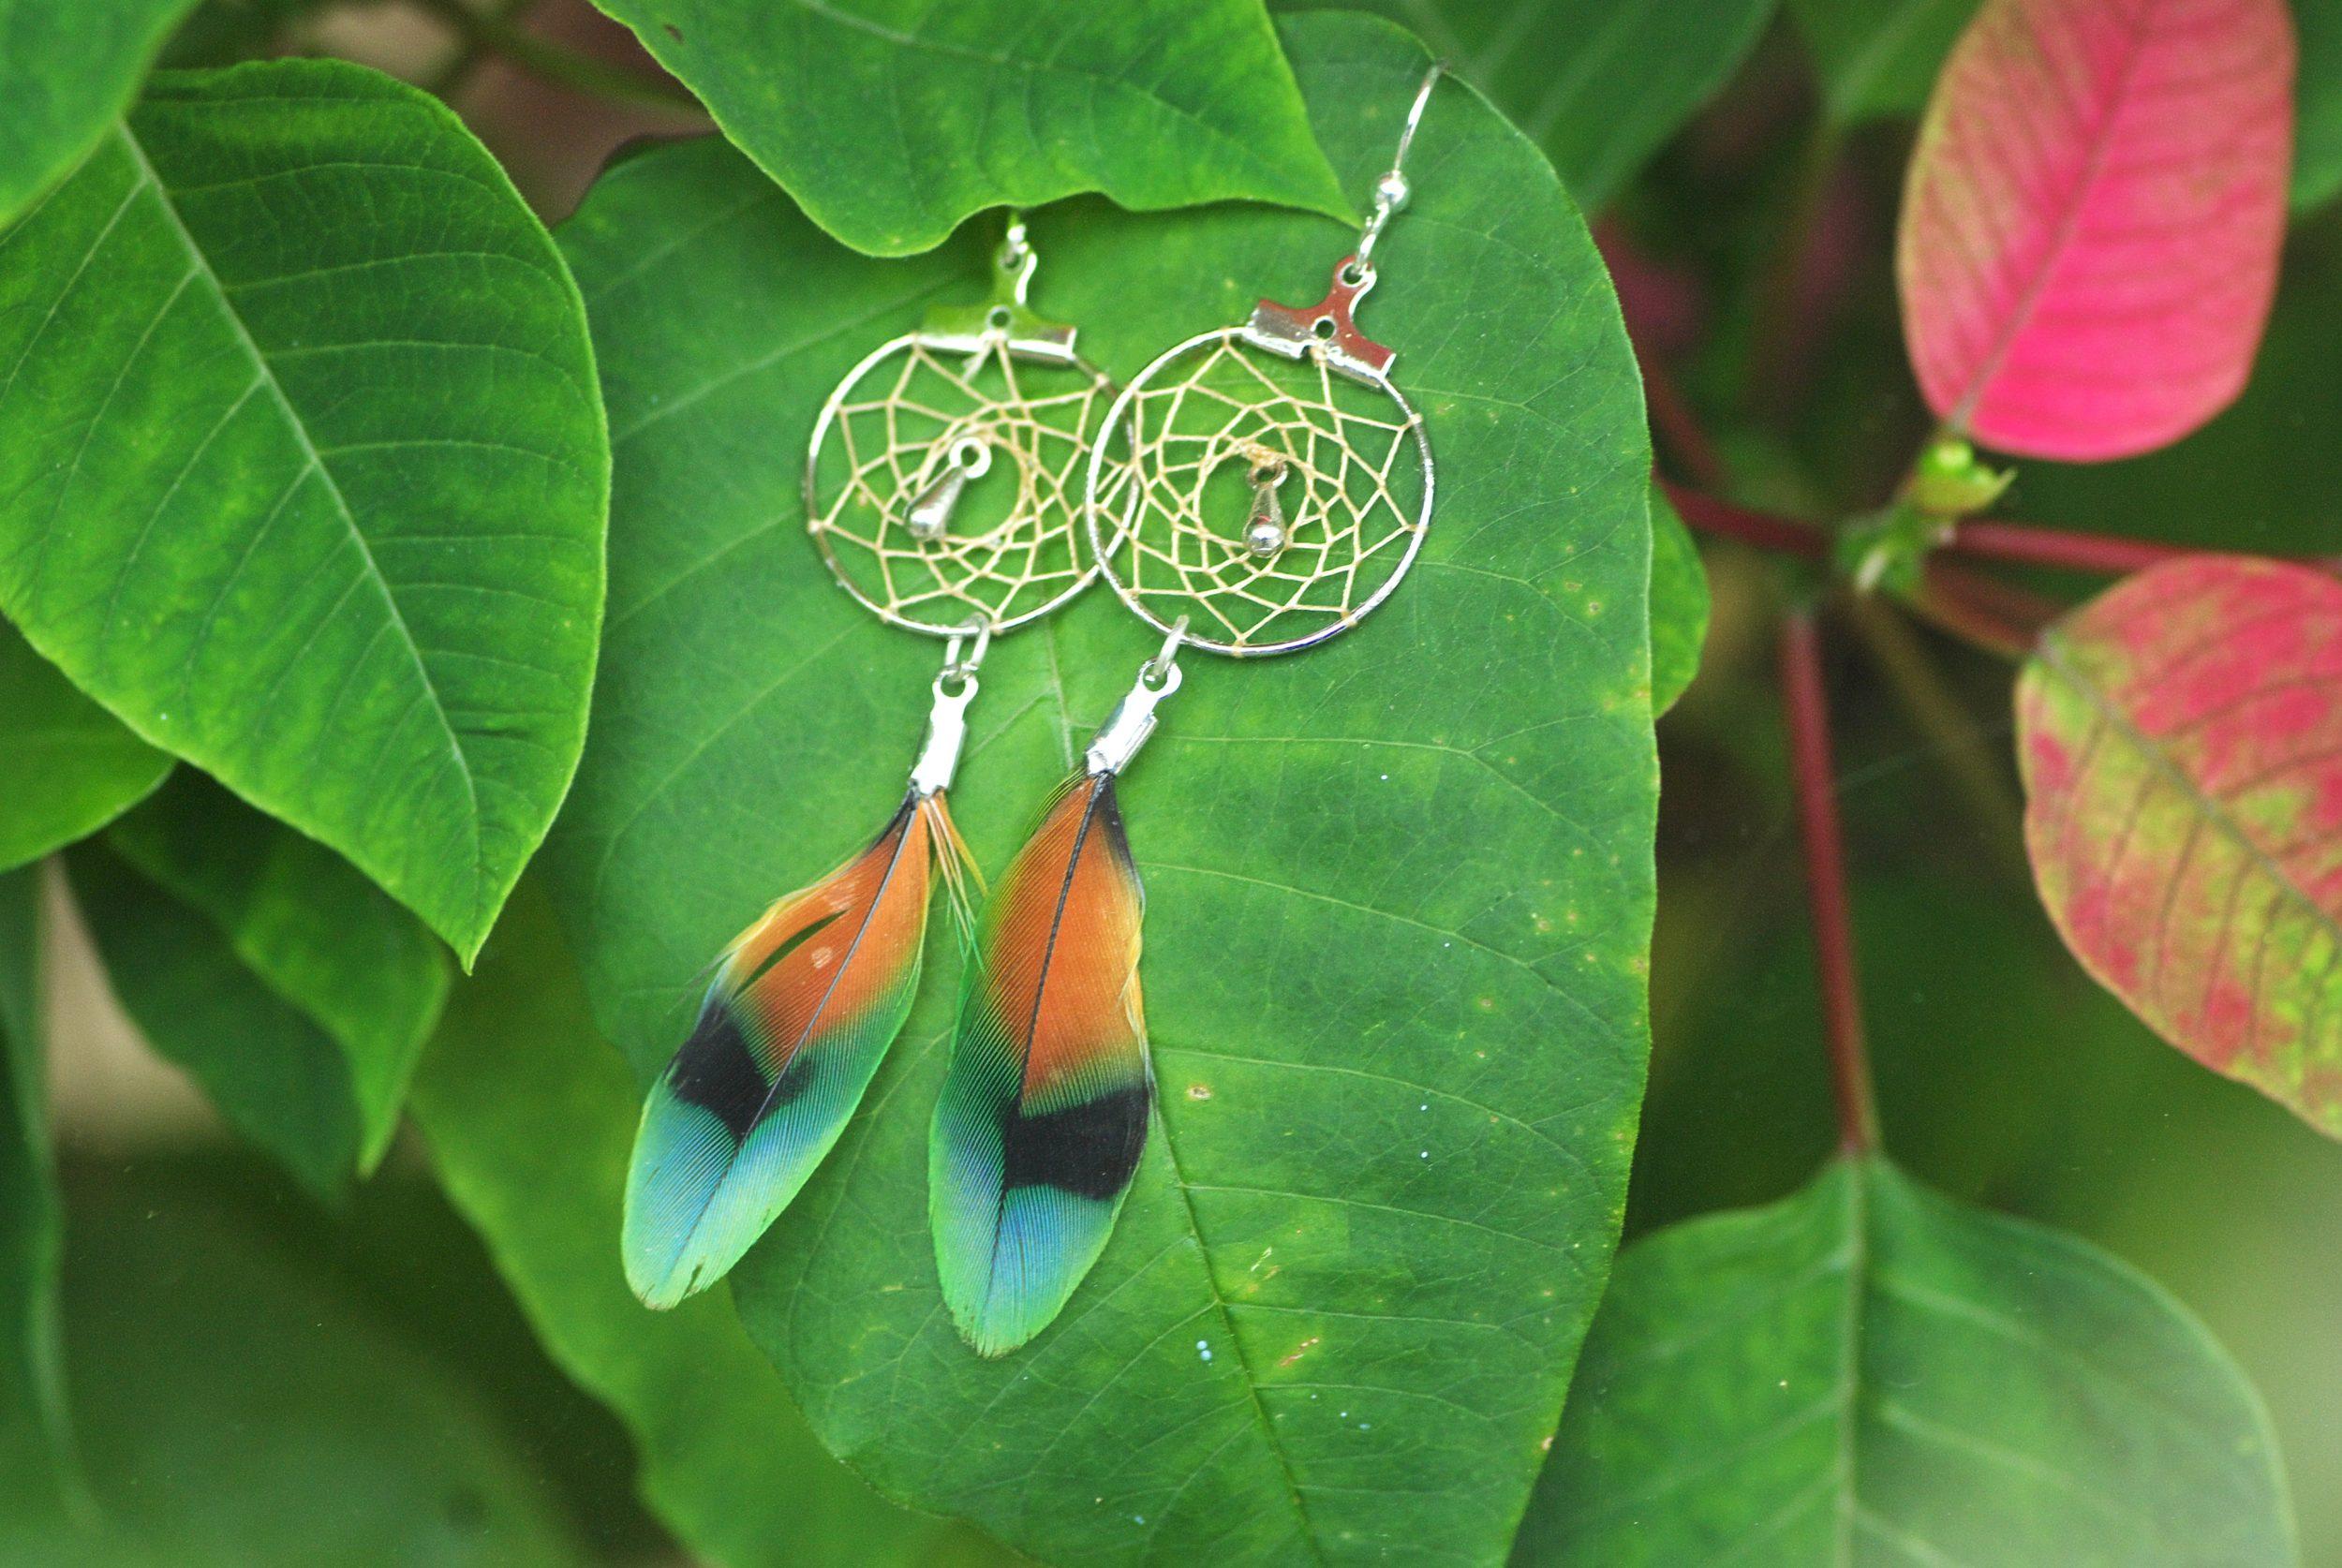 Boucles d'oreilles dreamcatcher à plumes multicolores, fond de verdure